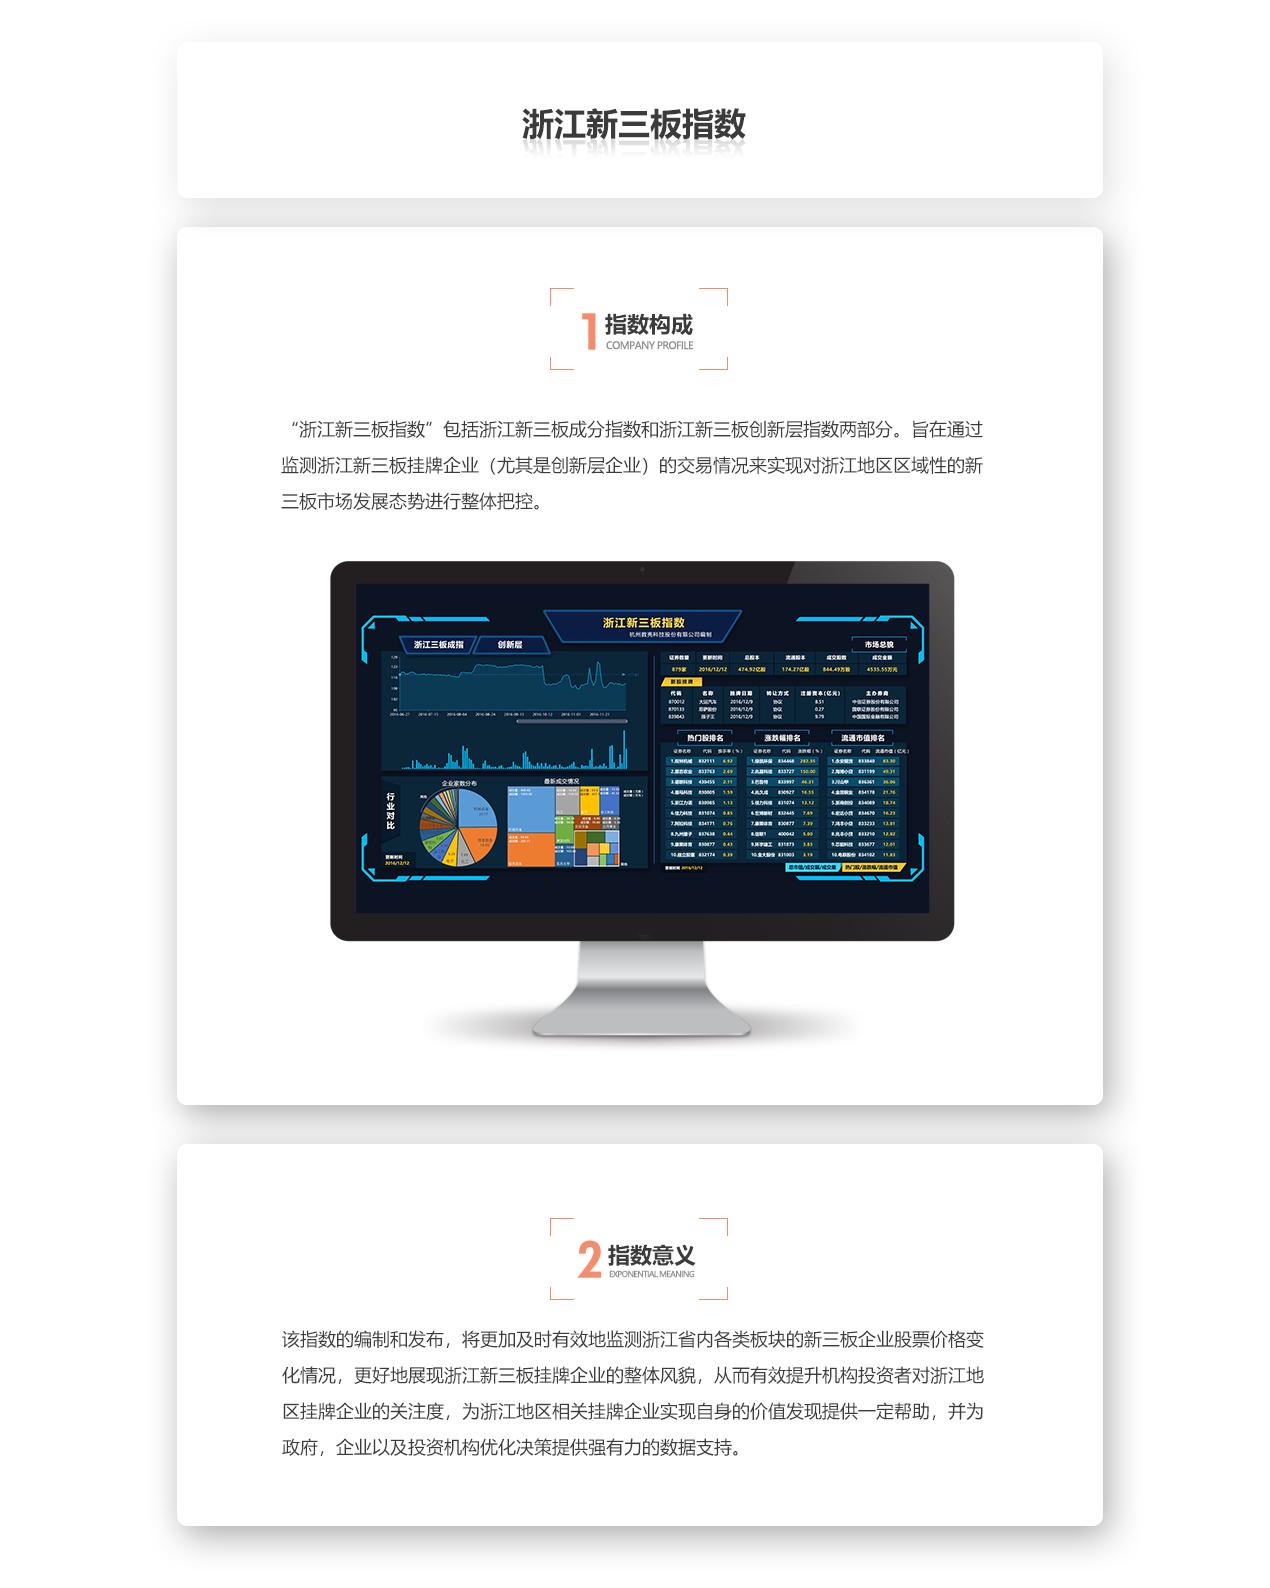 浙江新三板指数.jpg